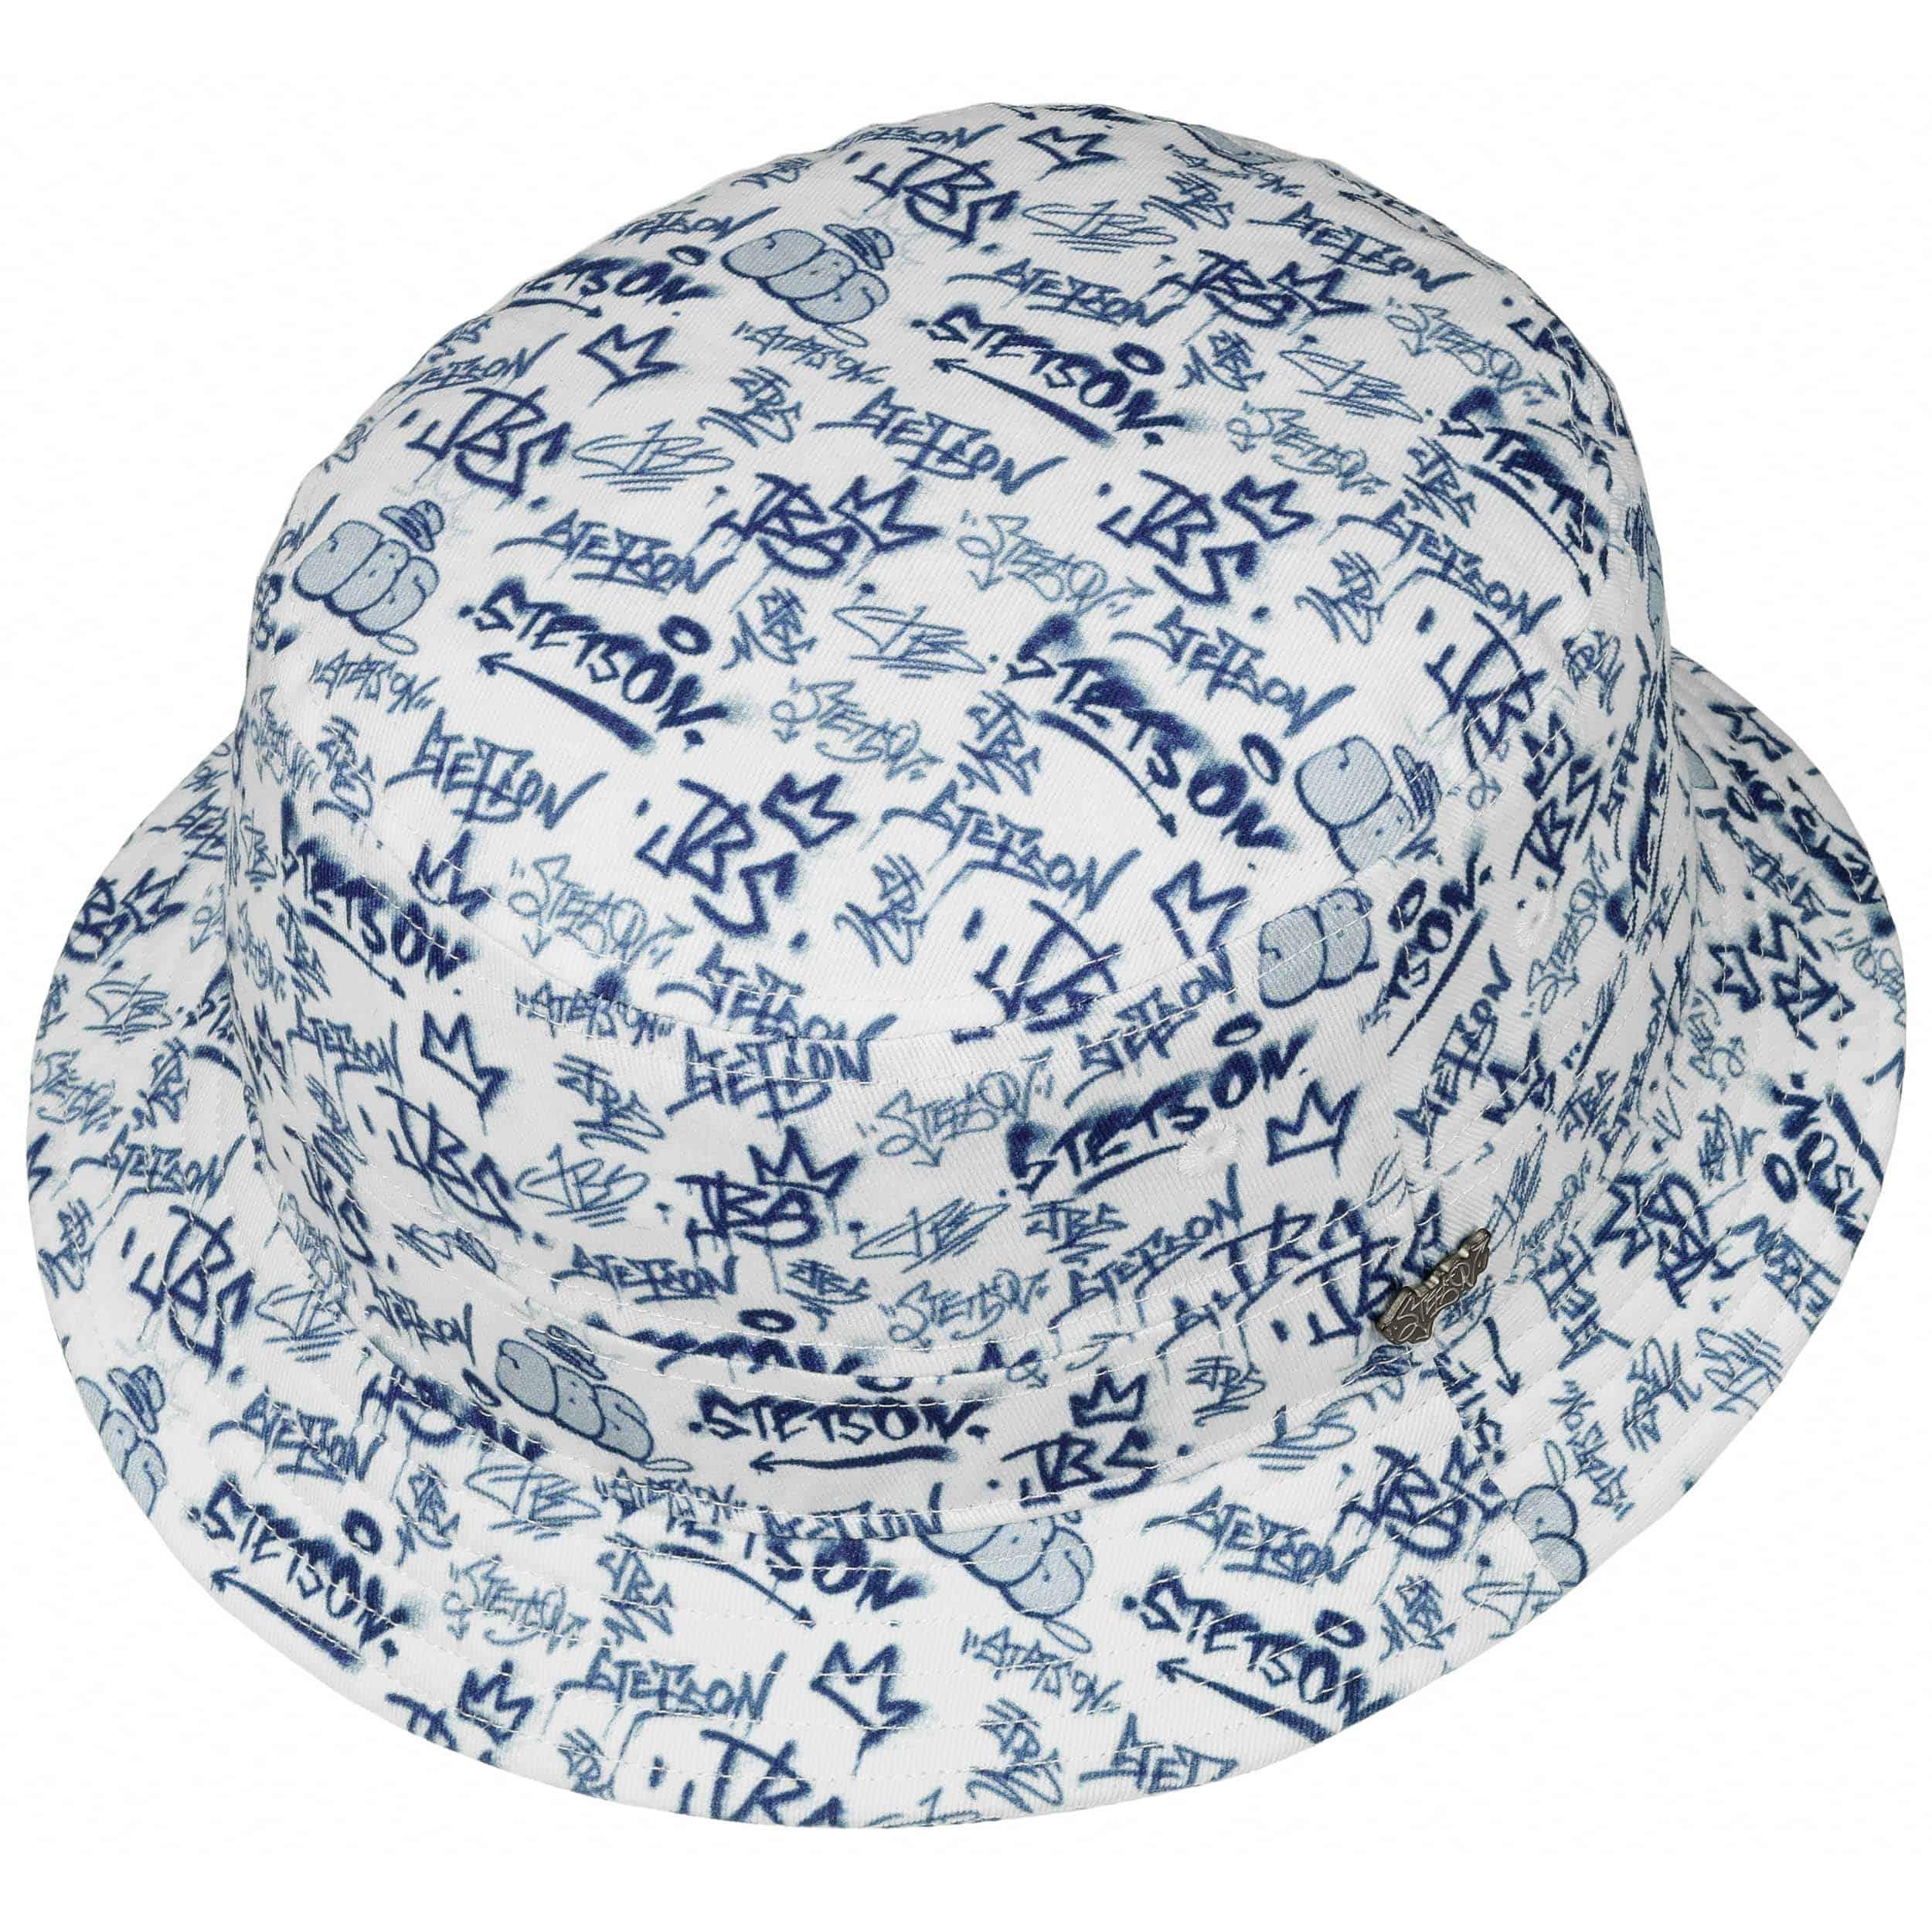 JBS-Graffiti Bucket Hat by Stetson - blue 1 ... 46b913ea8da